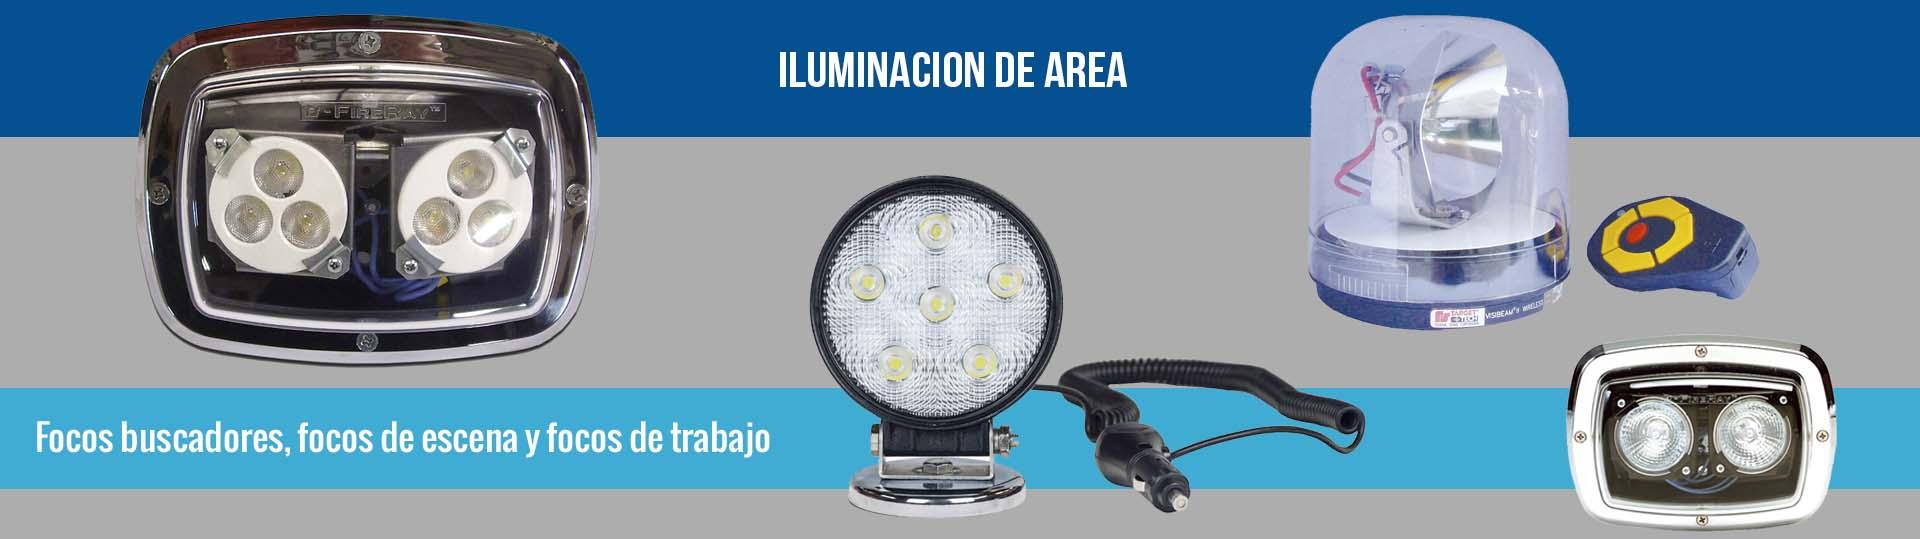 slider-ilumincacion-de-area